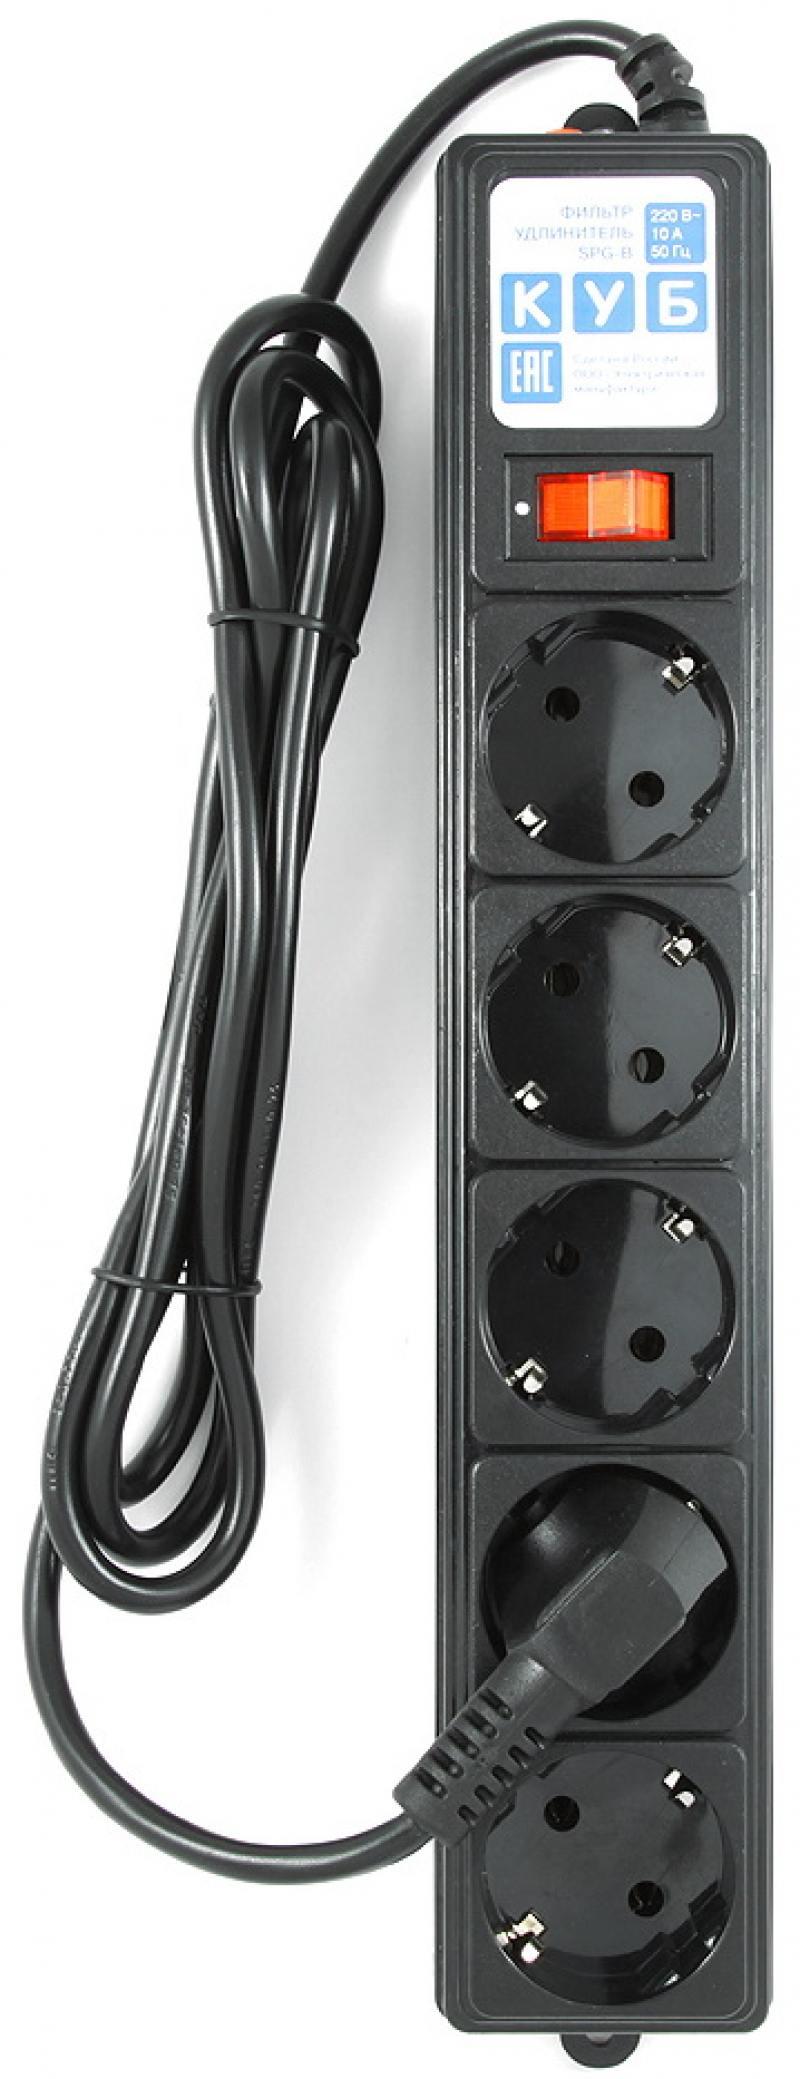 Сетевой фильтр Power Cube SPG-B-6 5 розеток 1.9 м черный